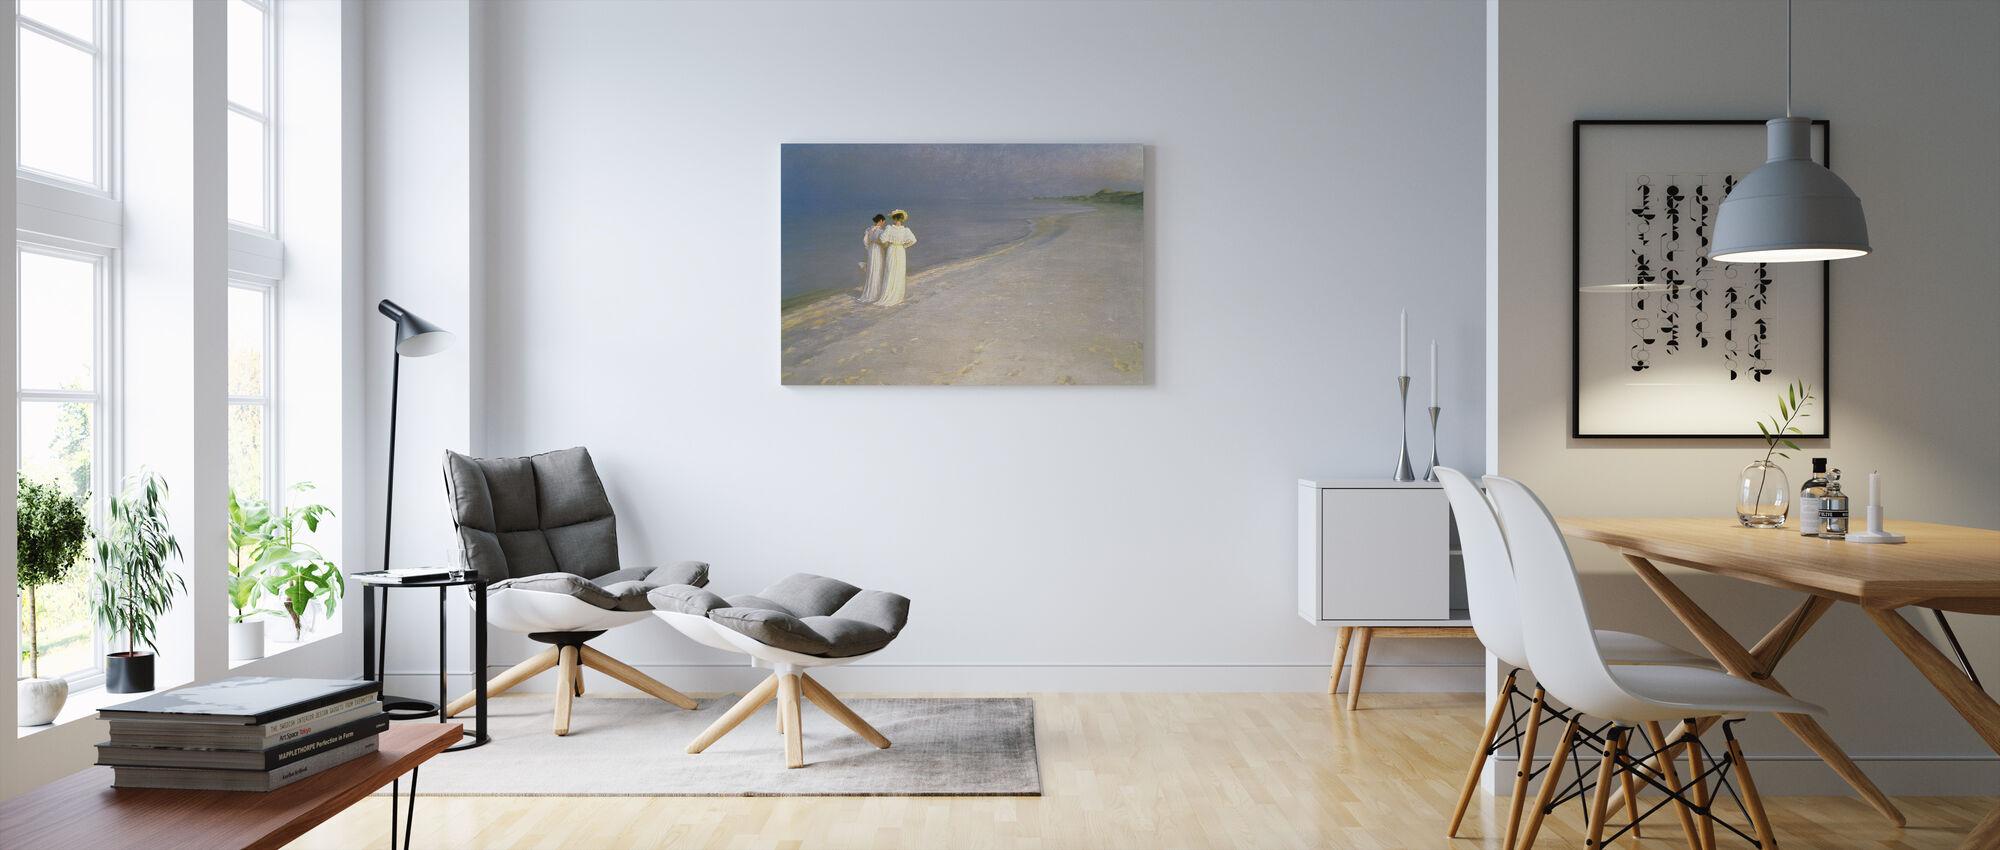 Sommeraften på Skagen Sydstrand med Anna Ancher og Marie Kroyer - Peder Severin Kroyer - Billede på lærred - Stue